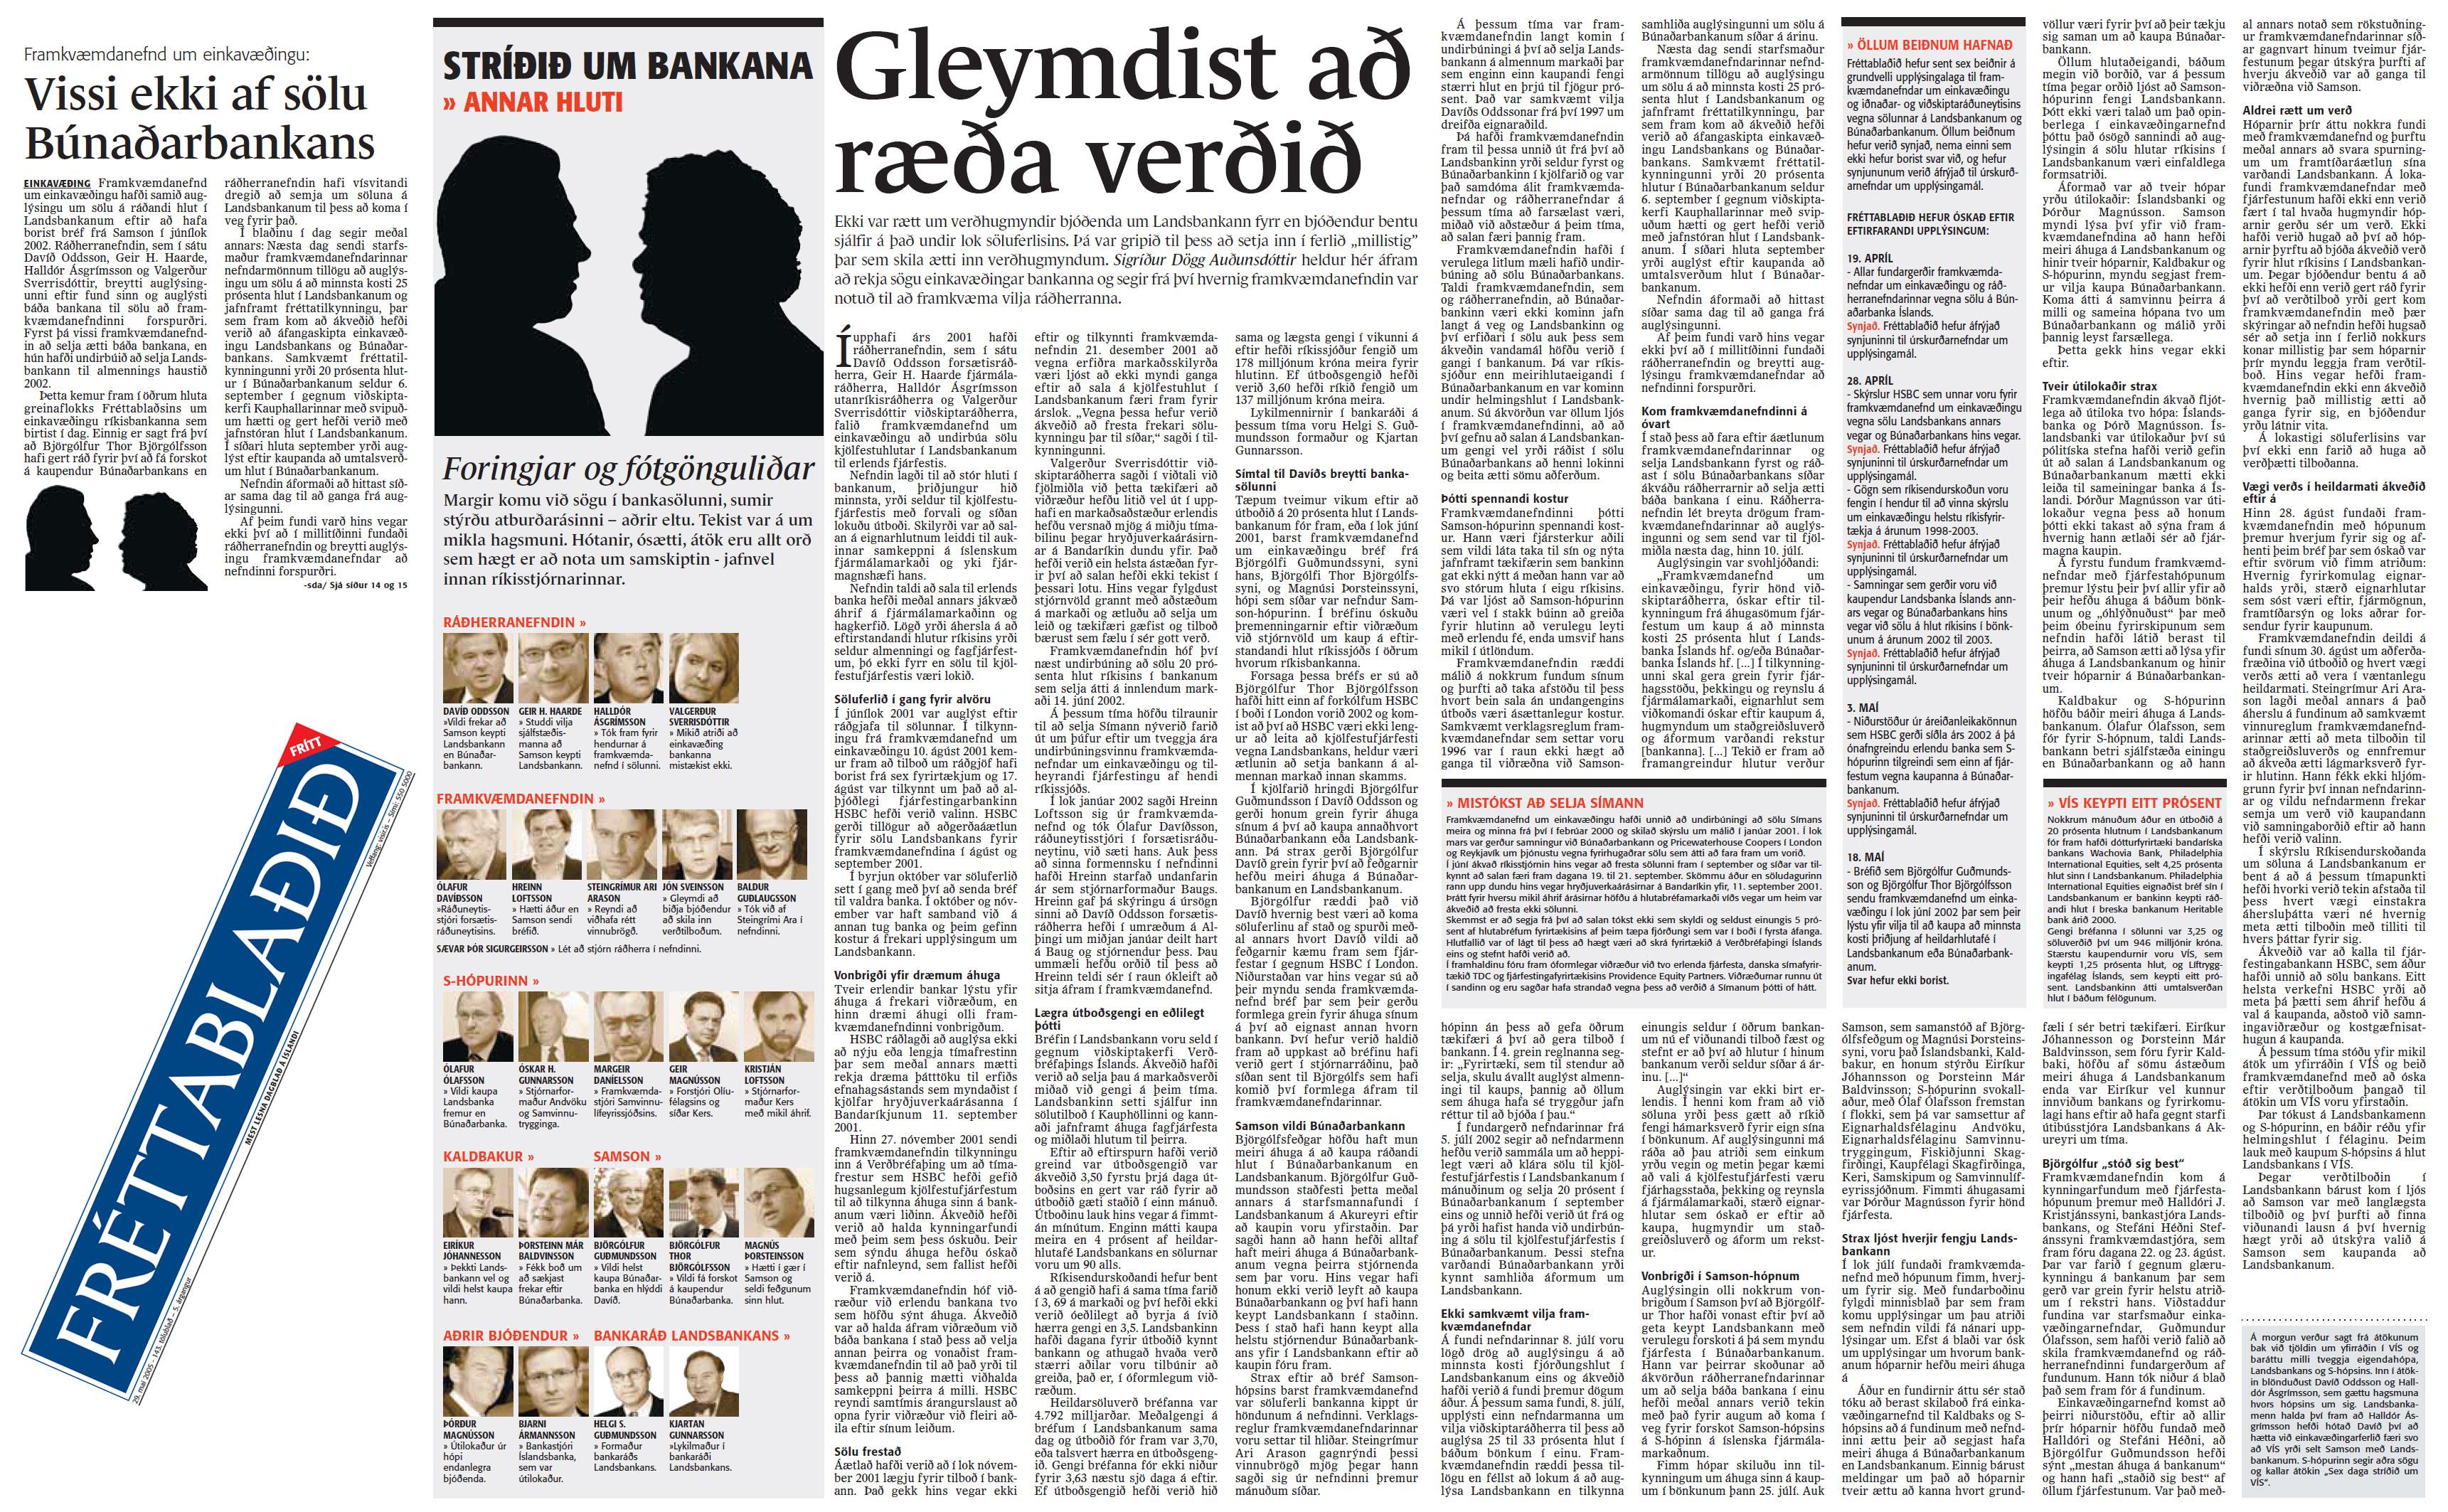 Stríðið um bankana 2:4 - Sigríður Dögg Auðunsdóttir - Fréttablaðið 29. maí 2005